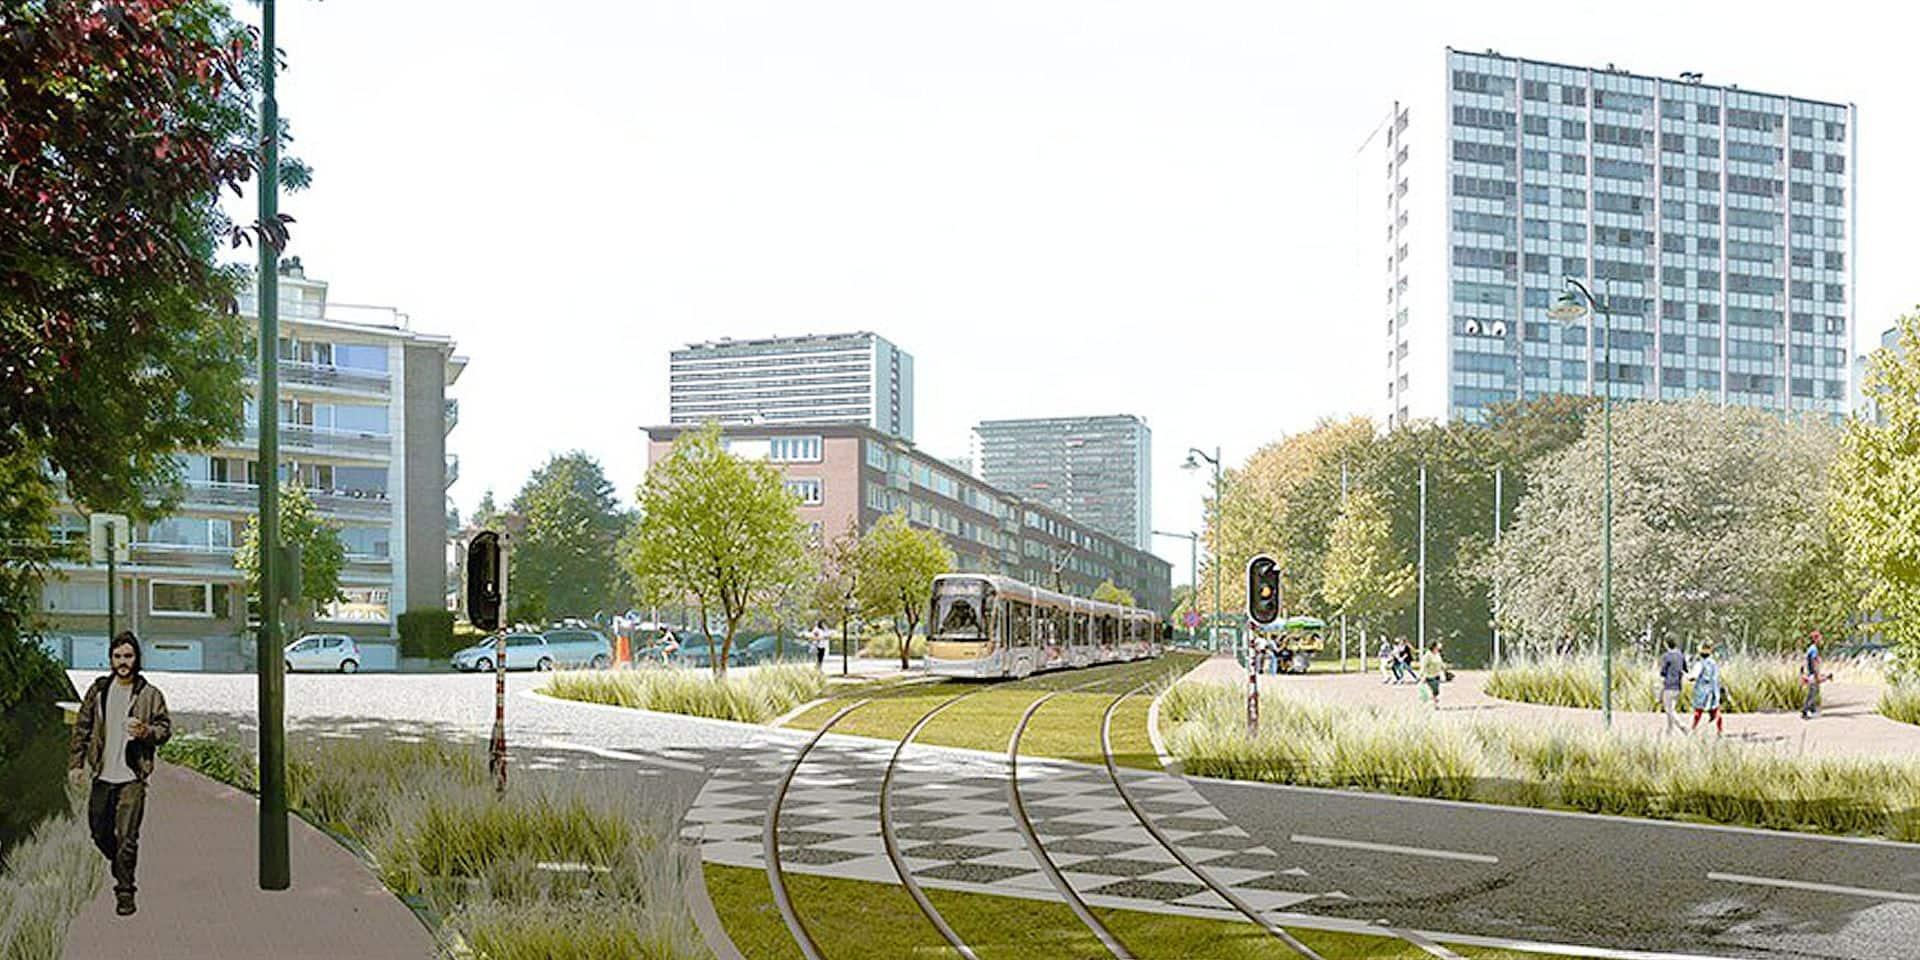 Bruxelles: les travaux de prolongement du tram 9 vont démarrer